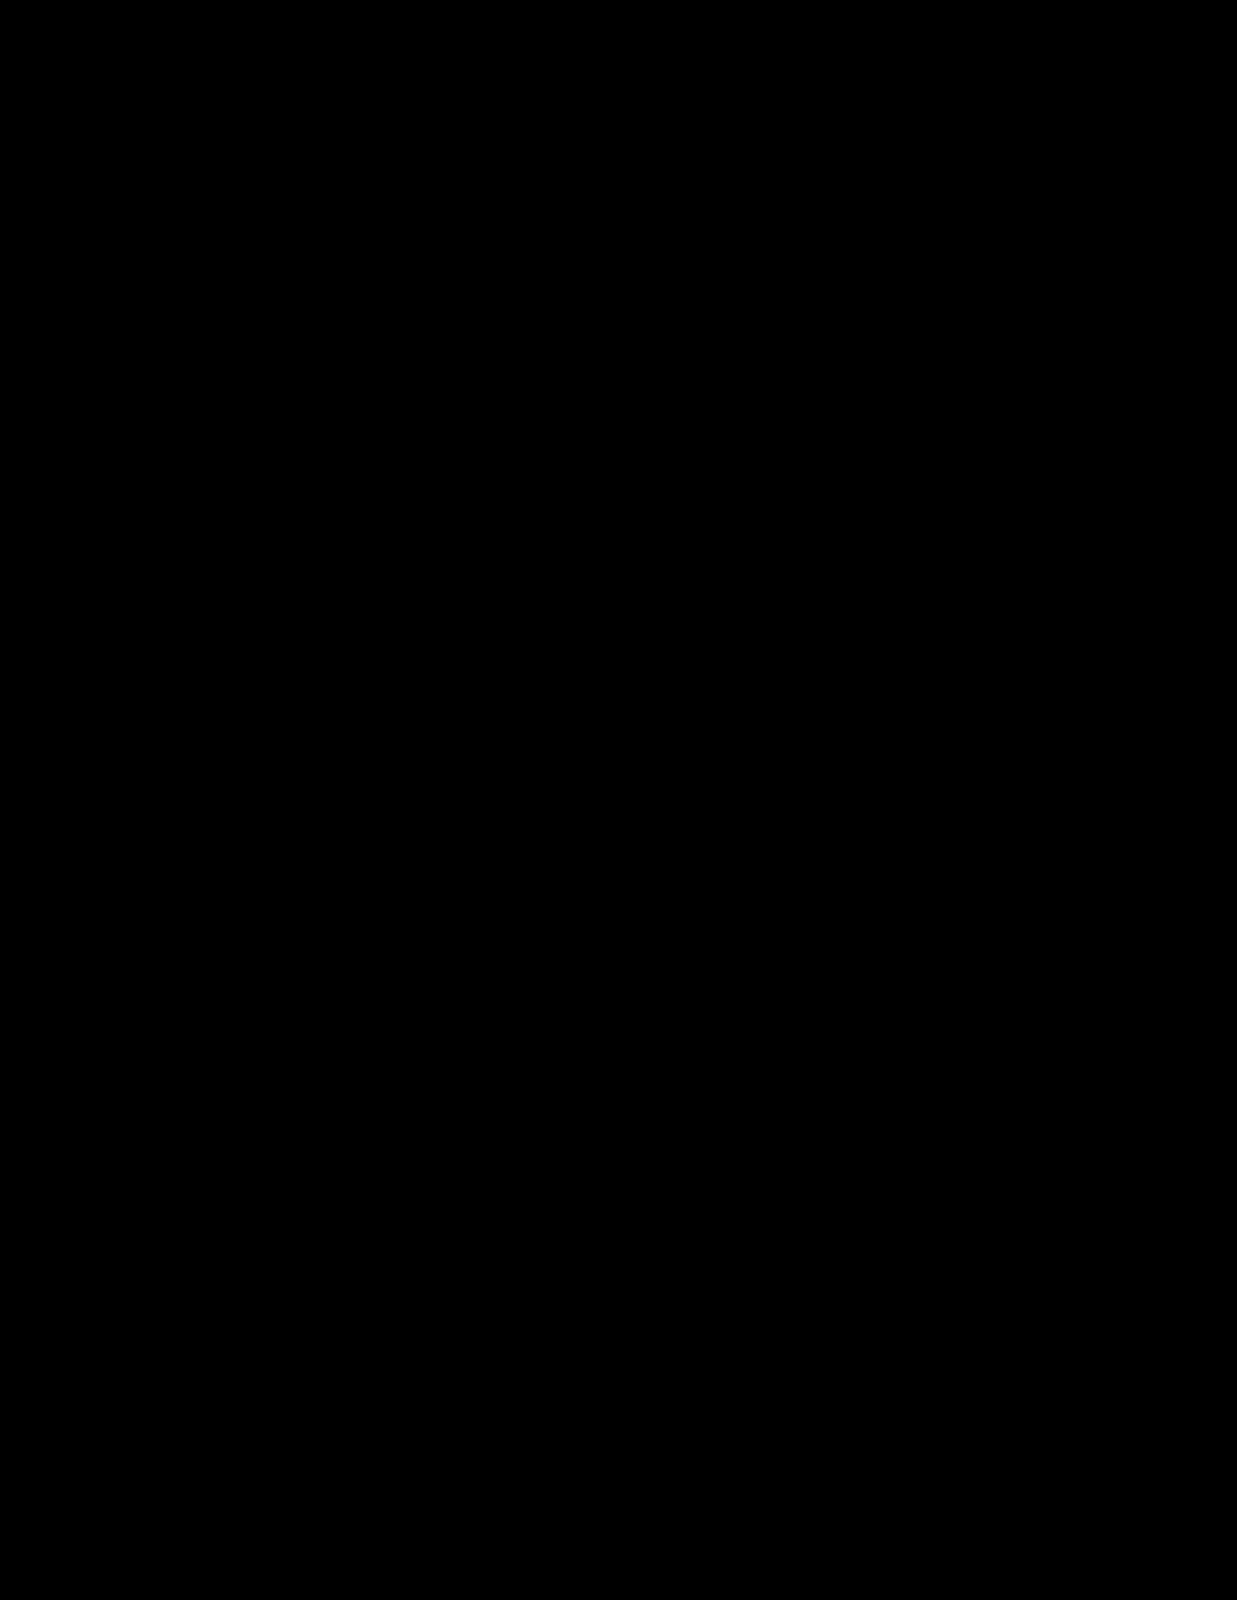 1237x1600 Boarder Clip Art